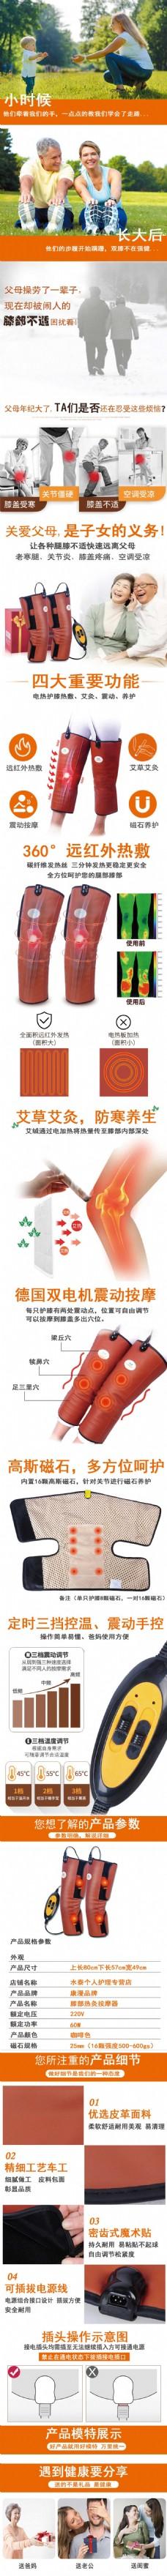 电热护膝详情页